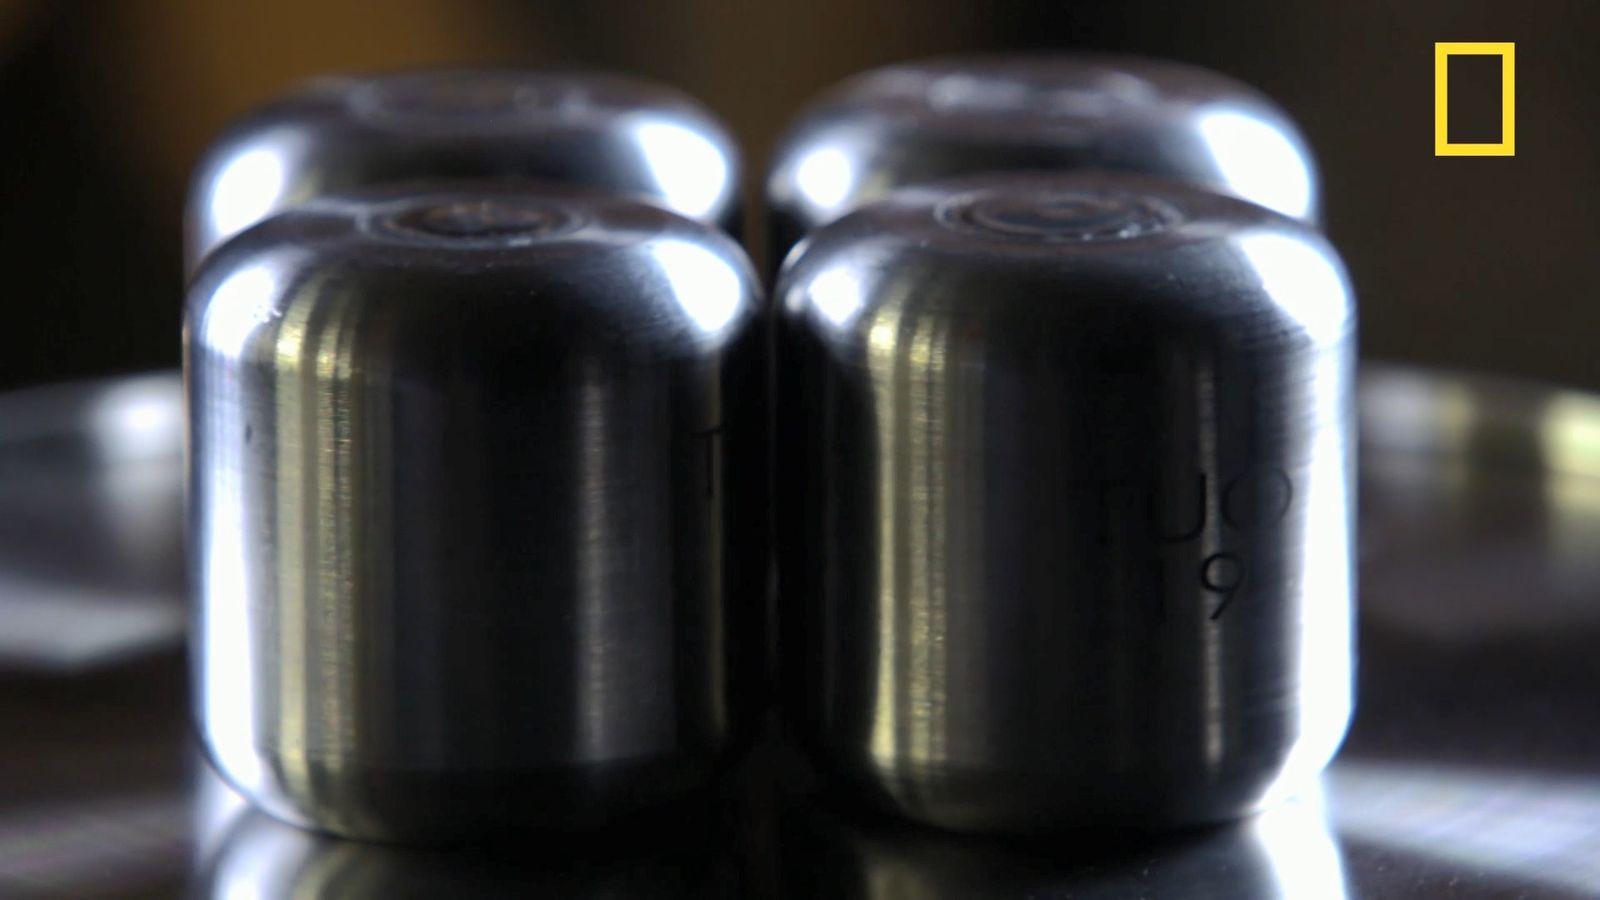 Le plutonium 238, cette précieuse source d'énergie